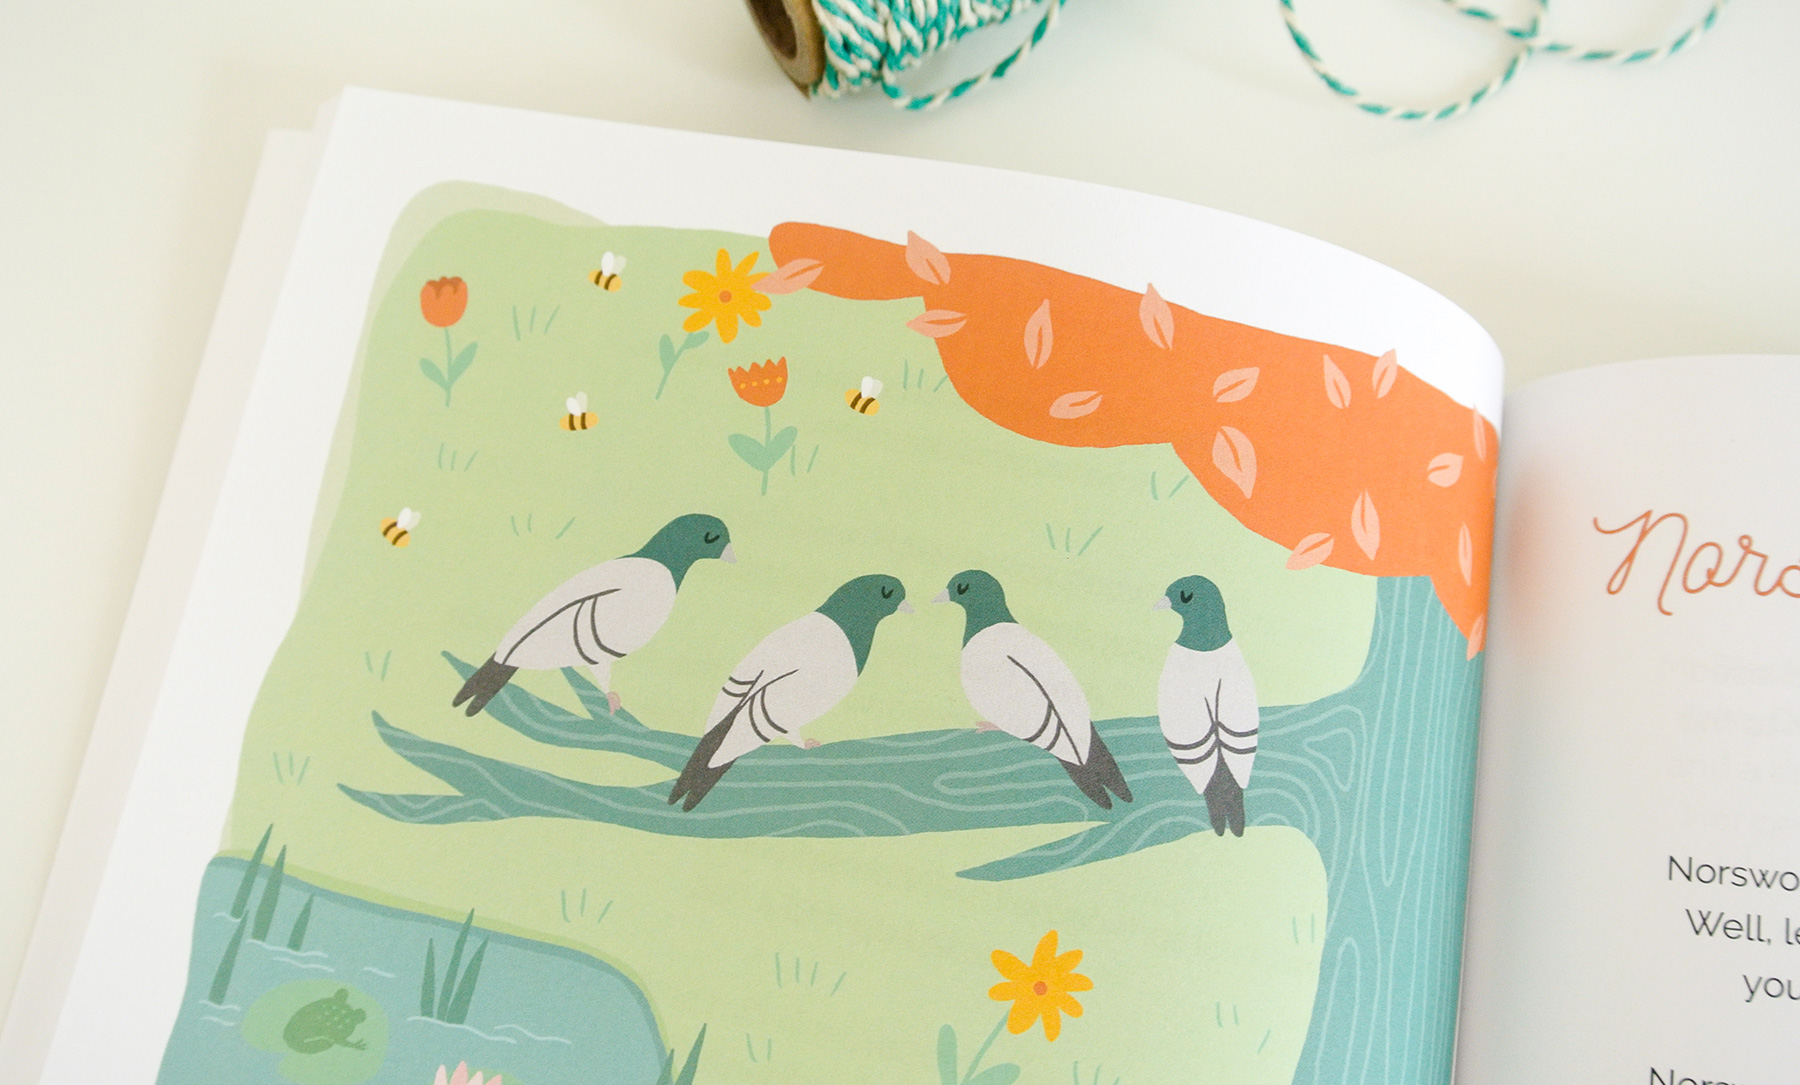 Carole_Chevalier-Woodpecker-Tales-Book_6.jpg